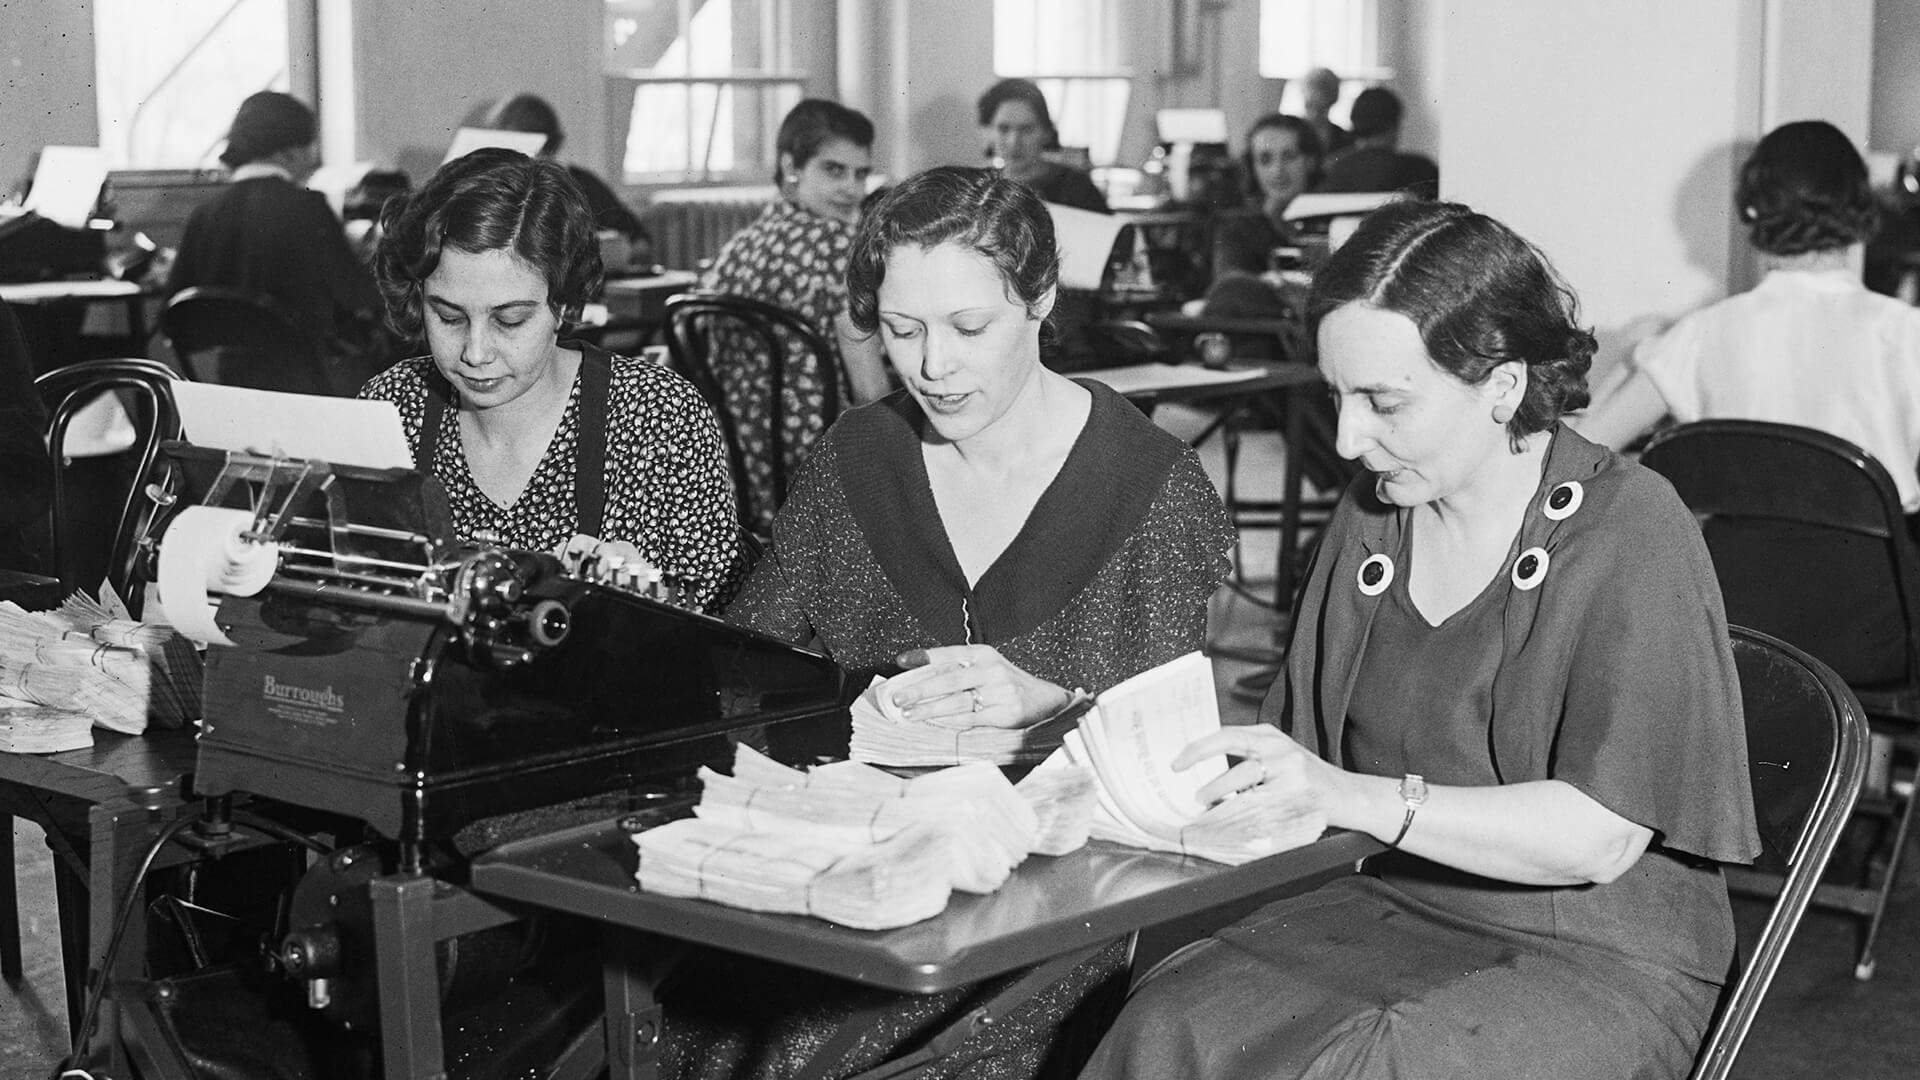 women working in an office in 1933